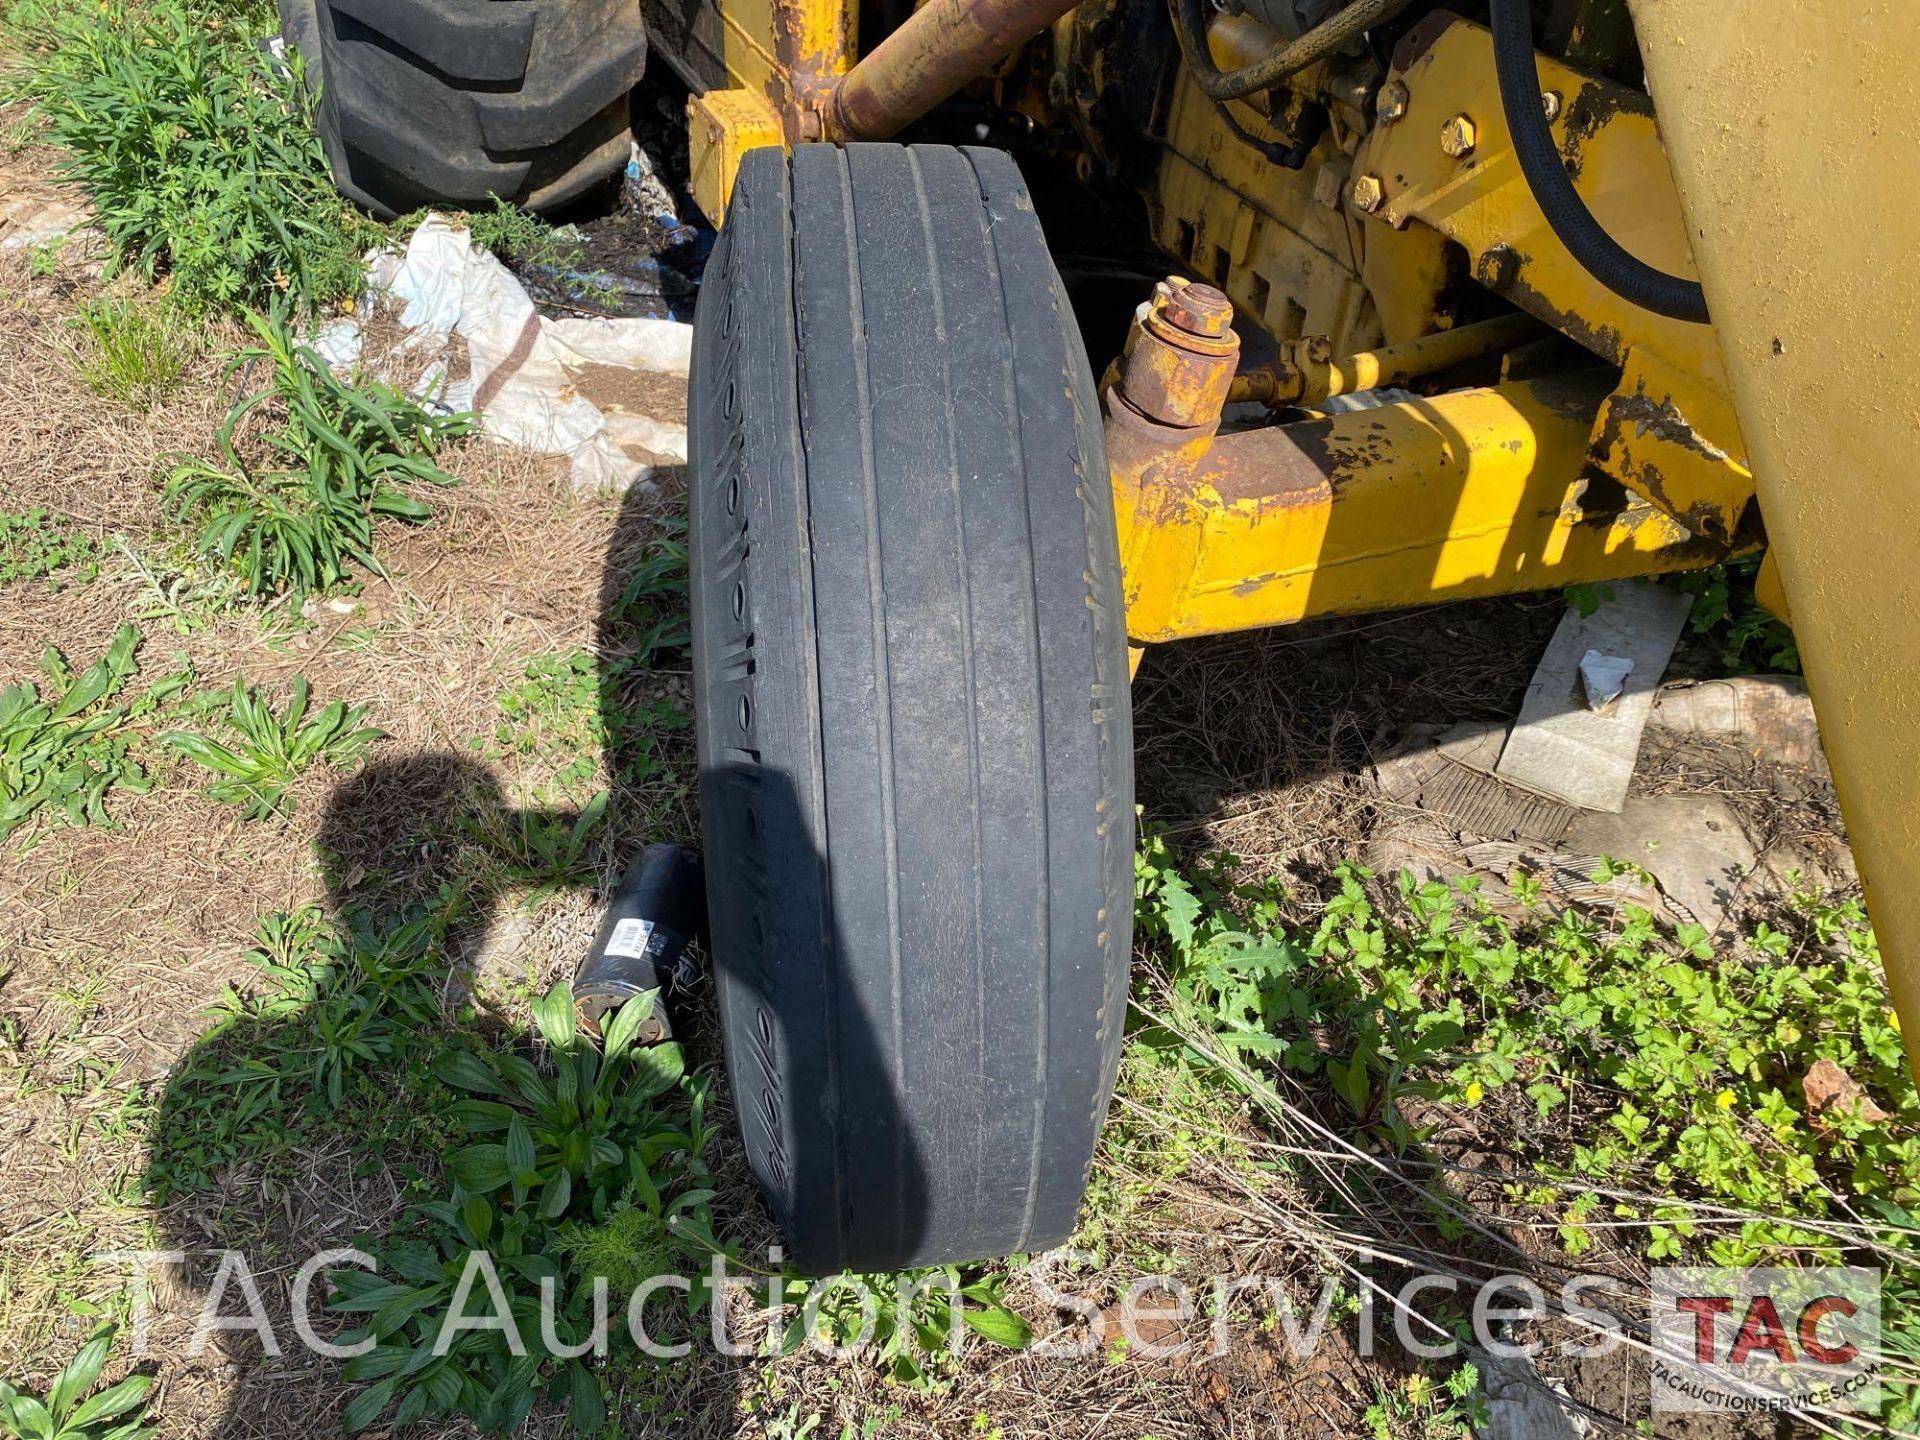 Massey Ferguson 50C Loader Backhoe - Image 39 of 45